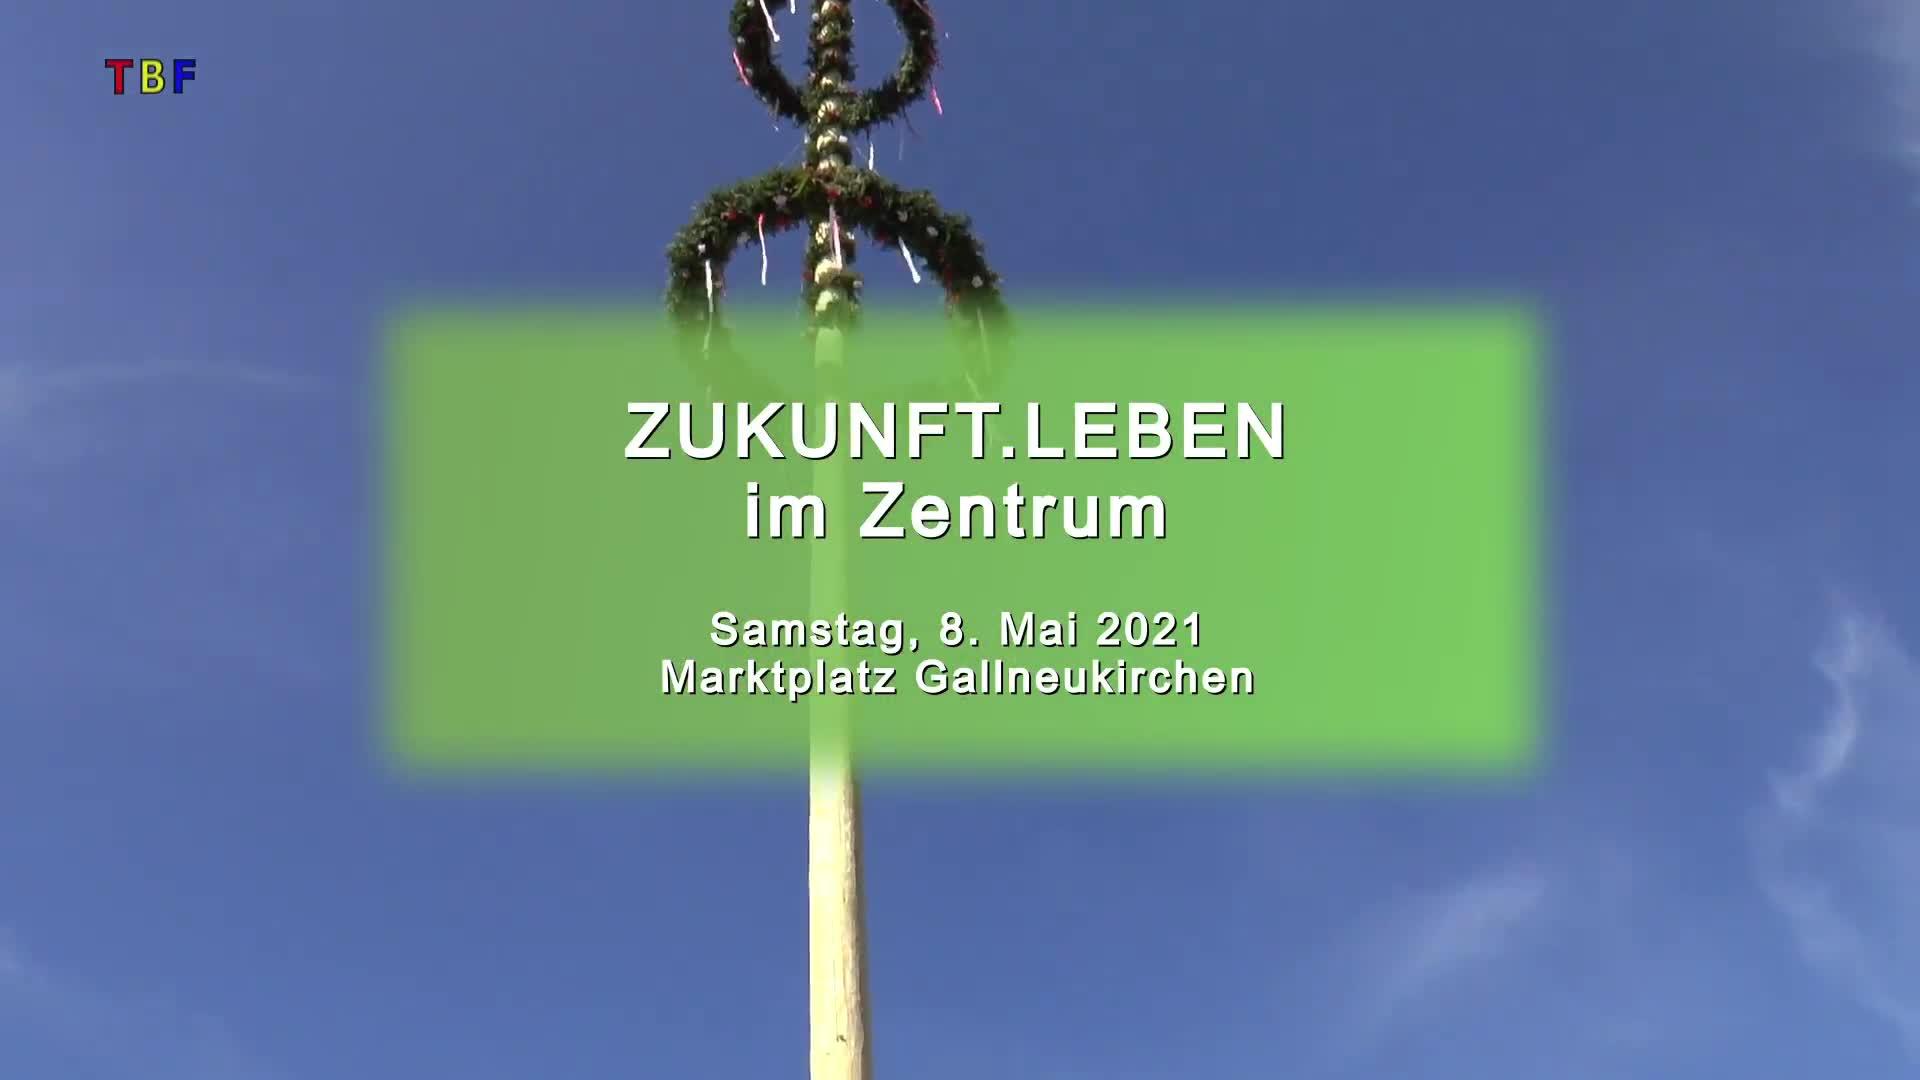 ZUKUNFT.LEBEN im Zentrum vom 8.5.2021